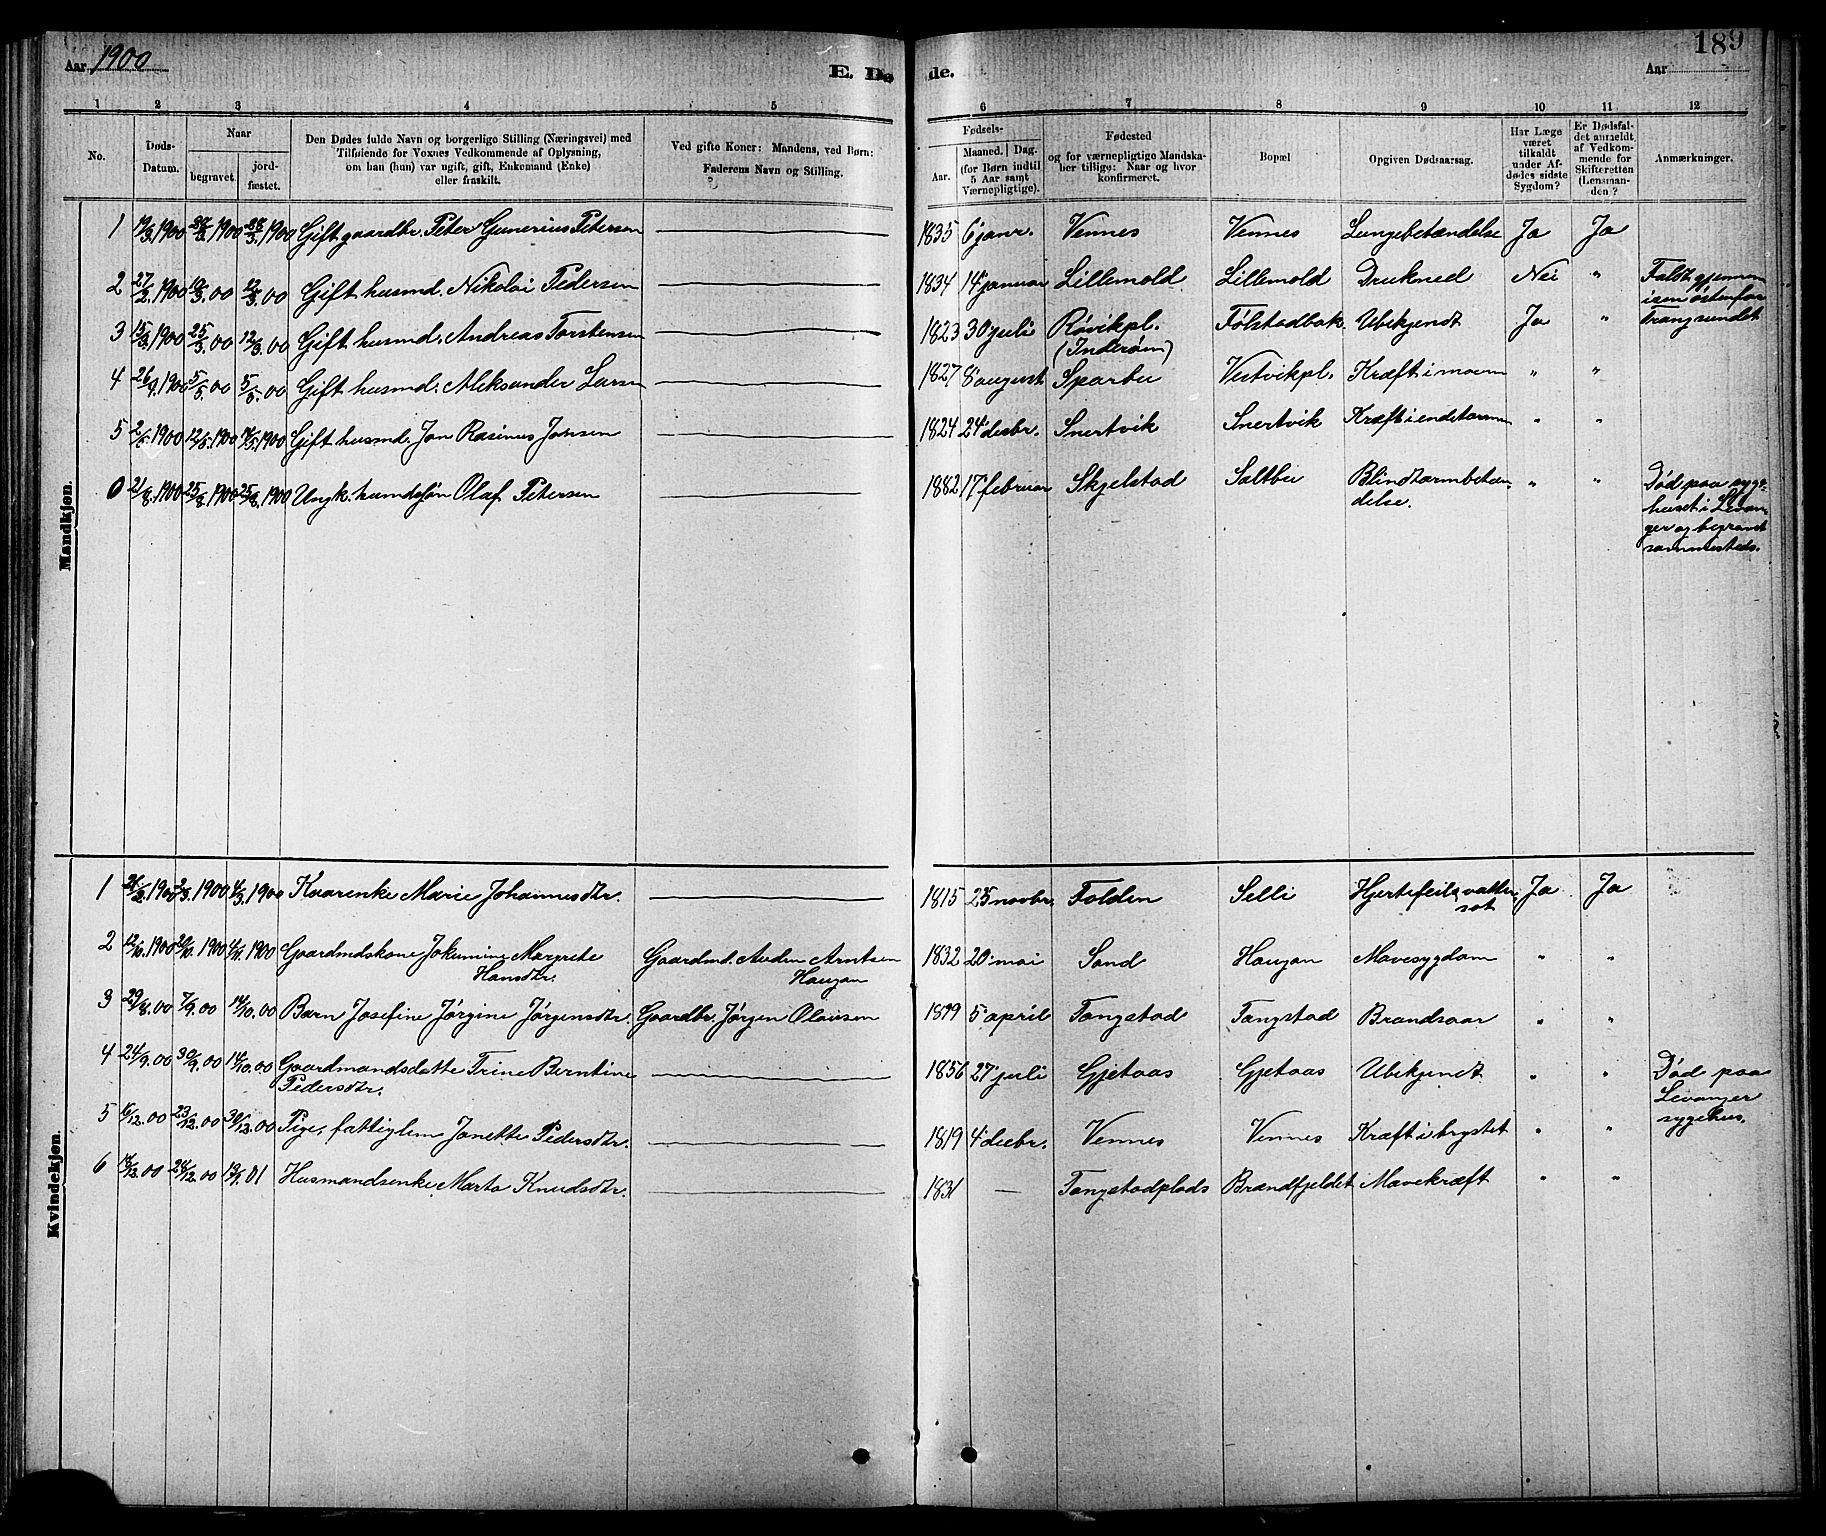 SAT, Ministerialprotokoller, klokkerbøker og fødselsregistre - Nord-Trøndelag, 744/L0423: Klokkerbok nr. 744C02, 1886-1905, s. 189